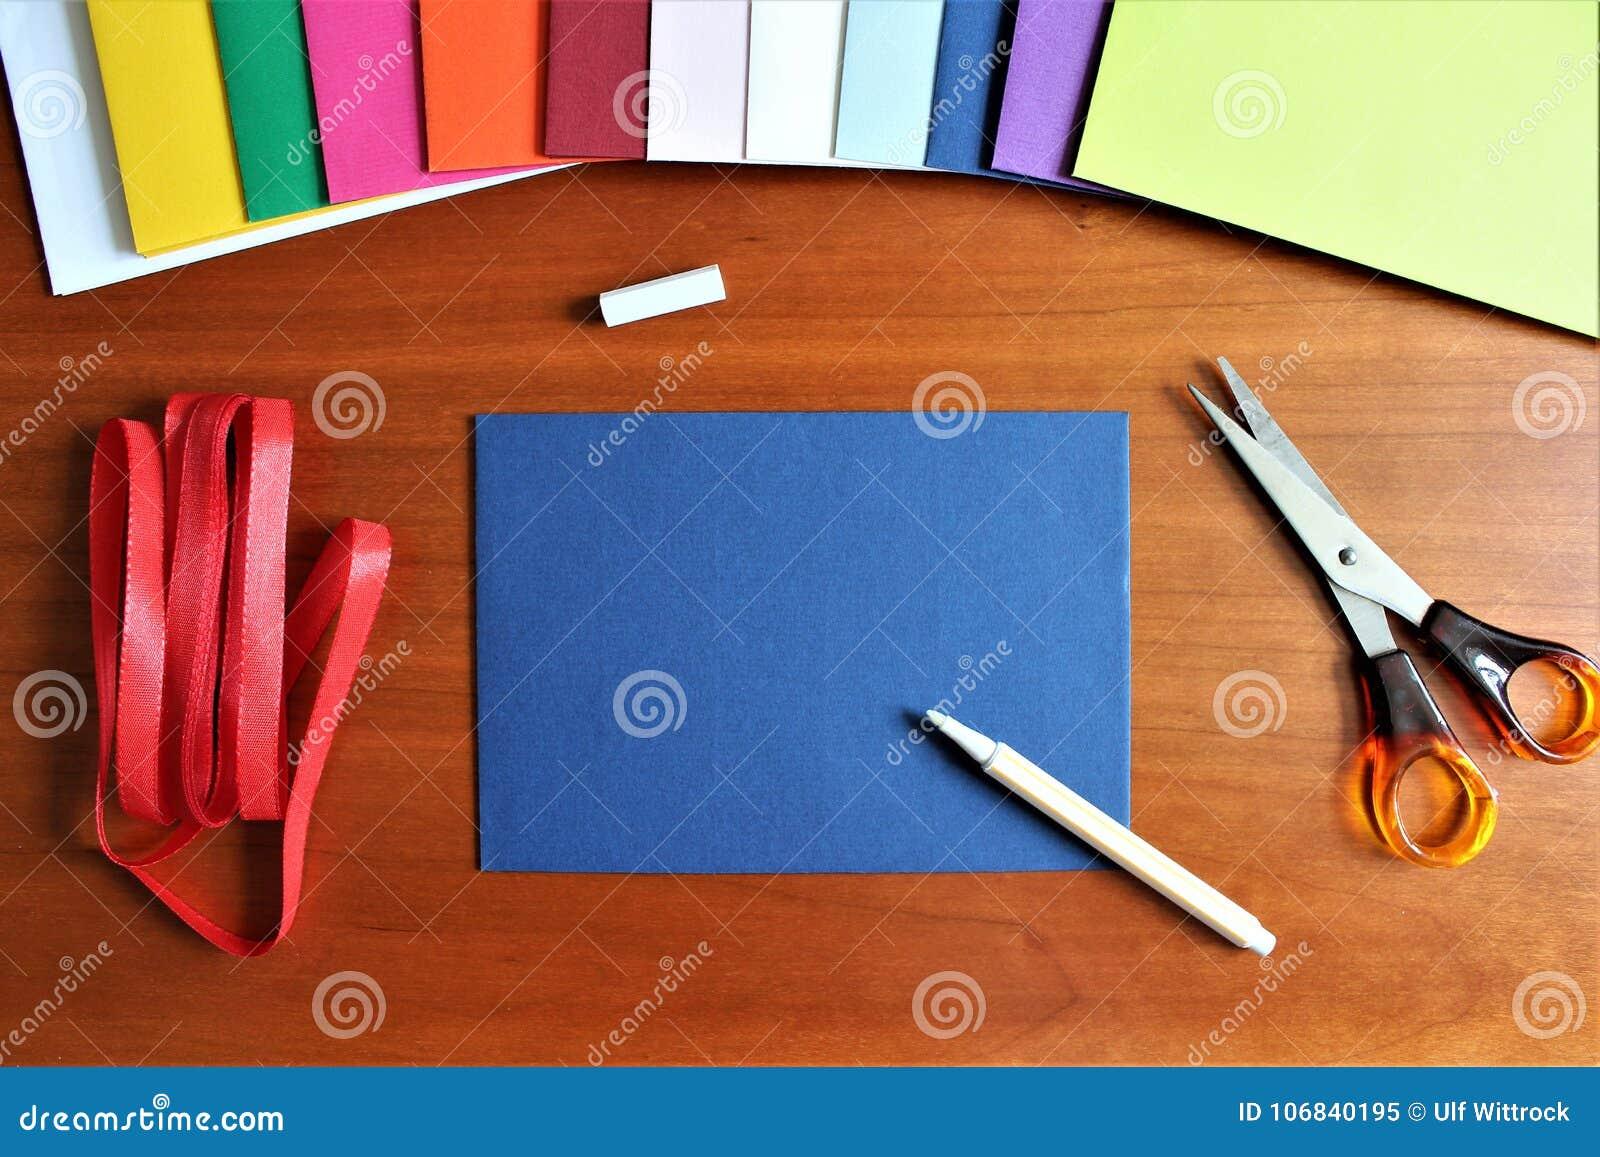 Une image d une enveloppe, bureau